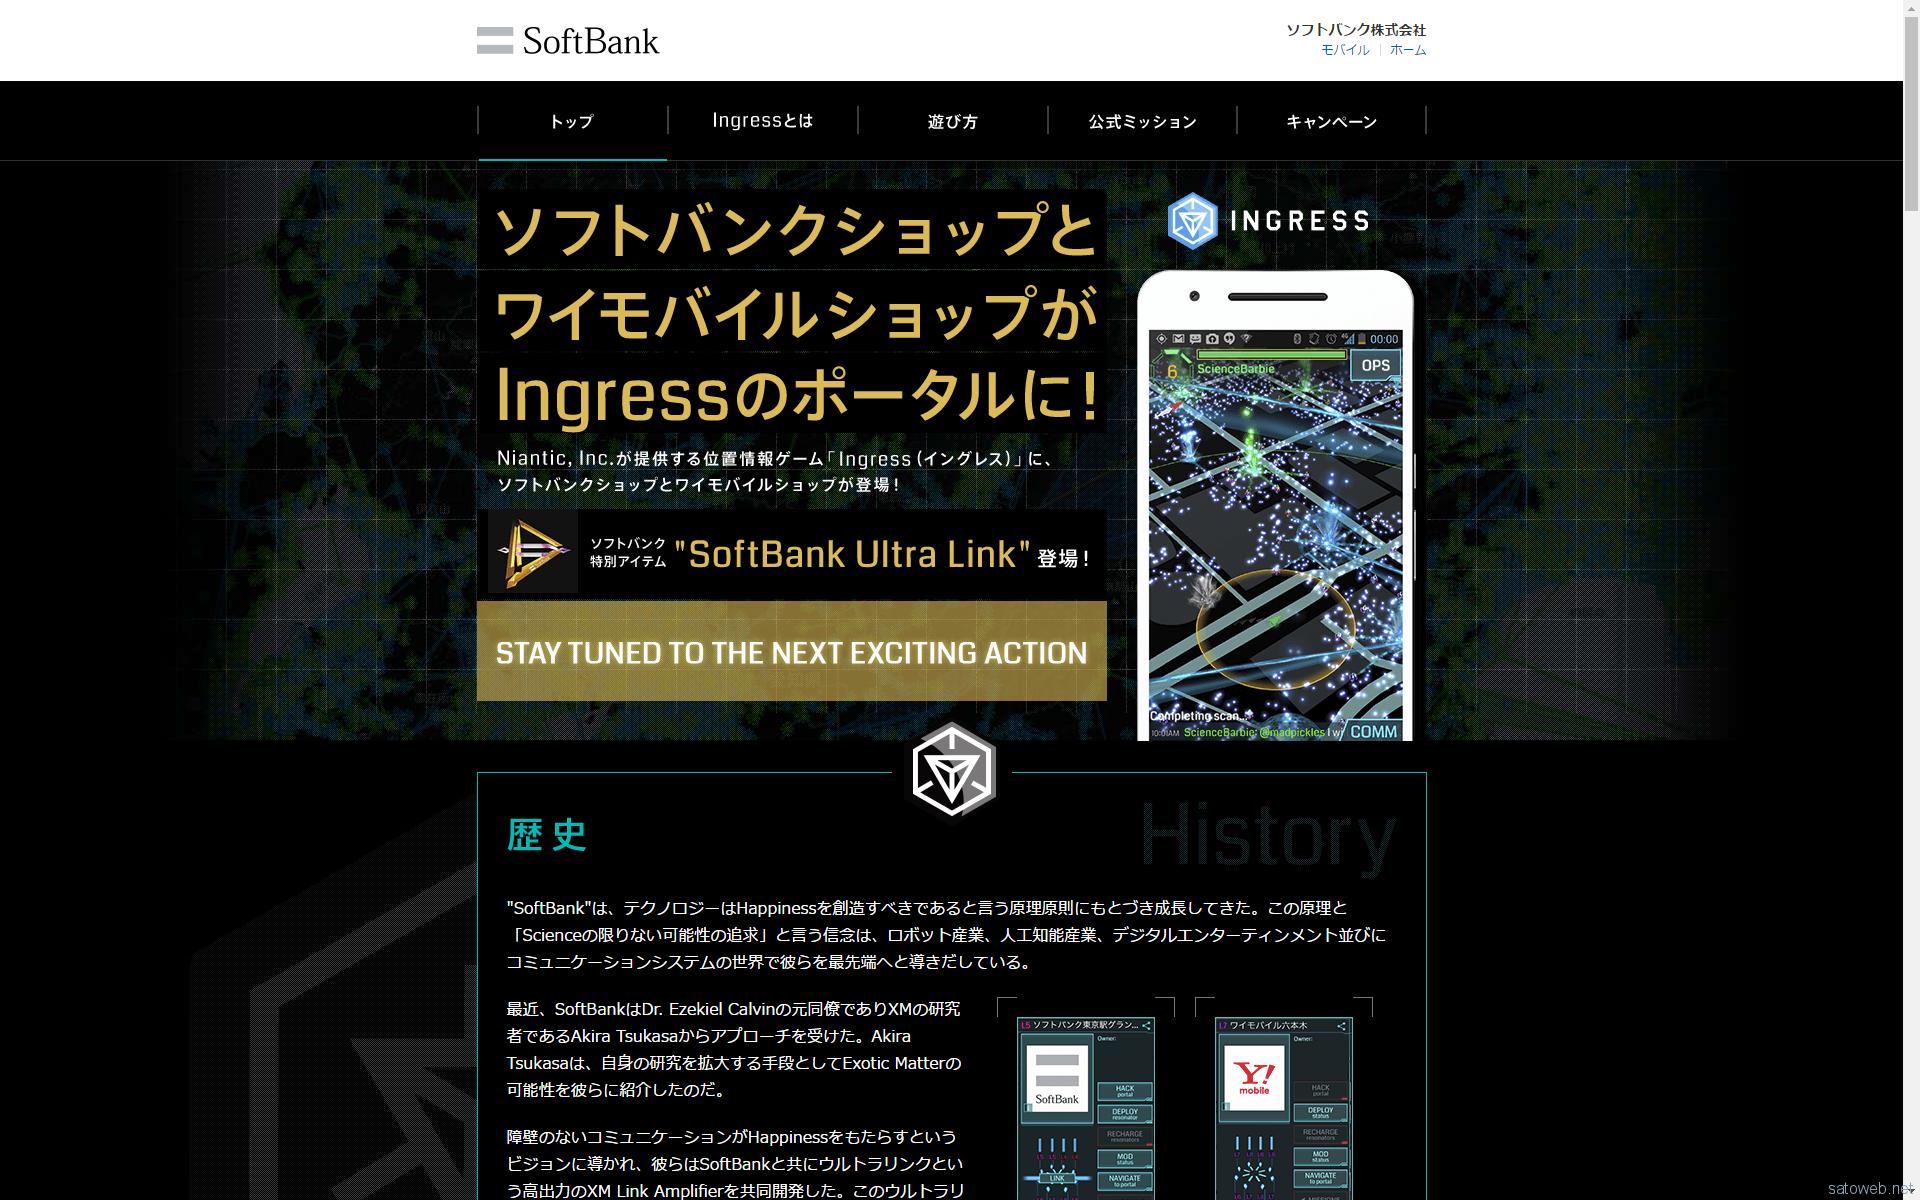 ワイモバイルショップもポータルネットワークに追加。 #ingress